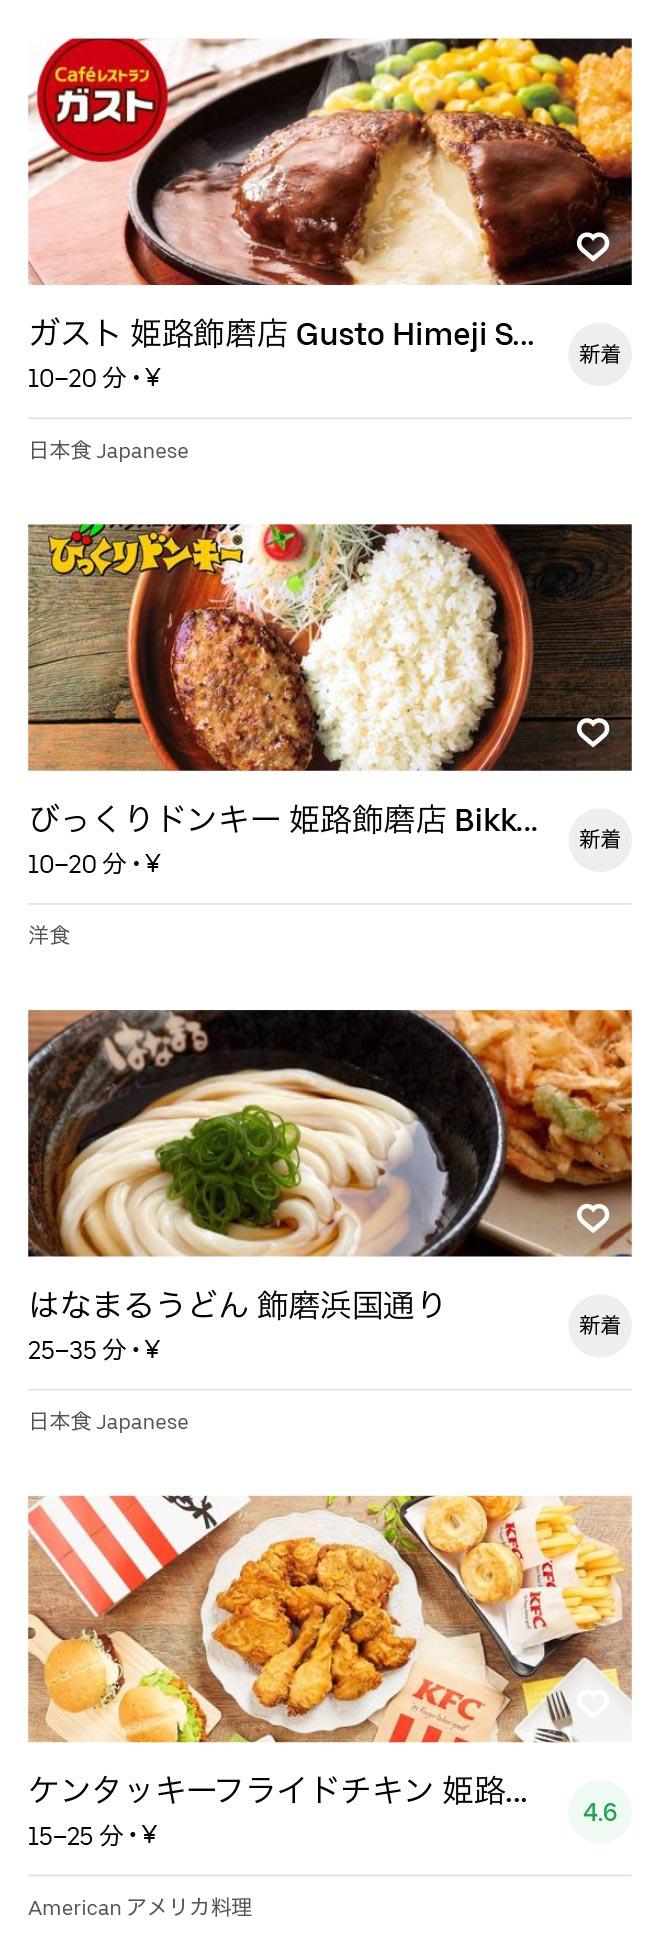 Shikama menu 2007 02